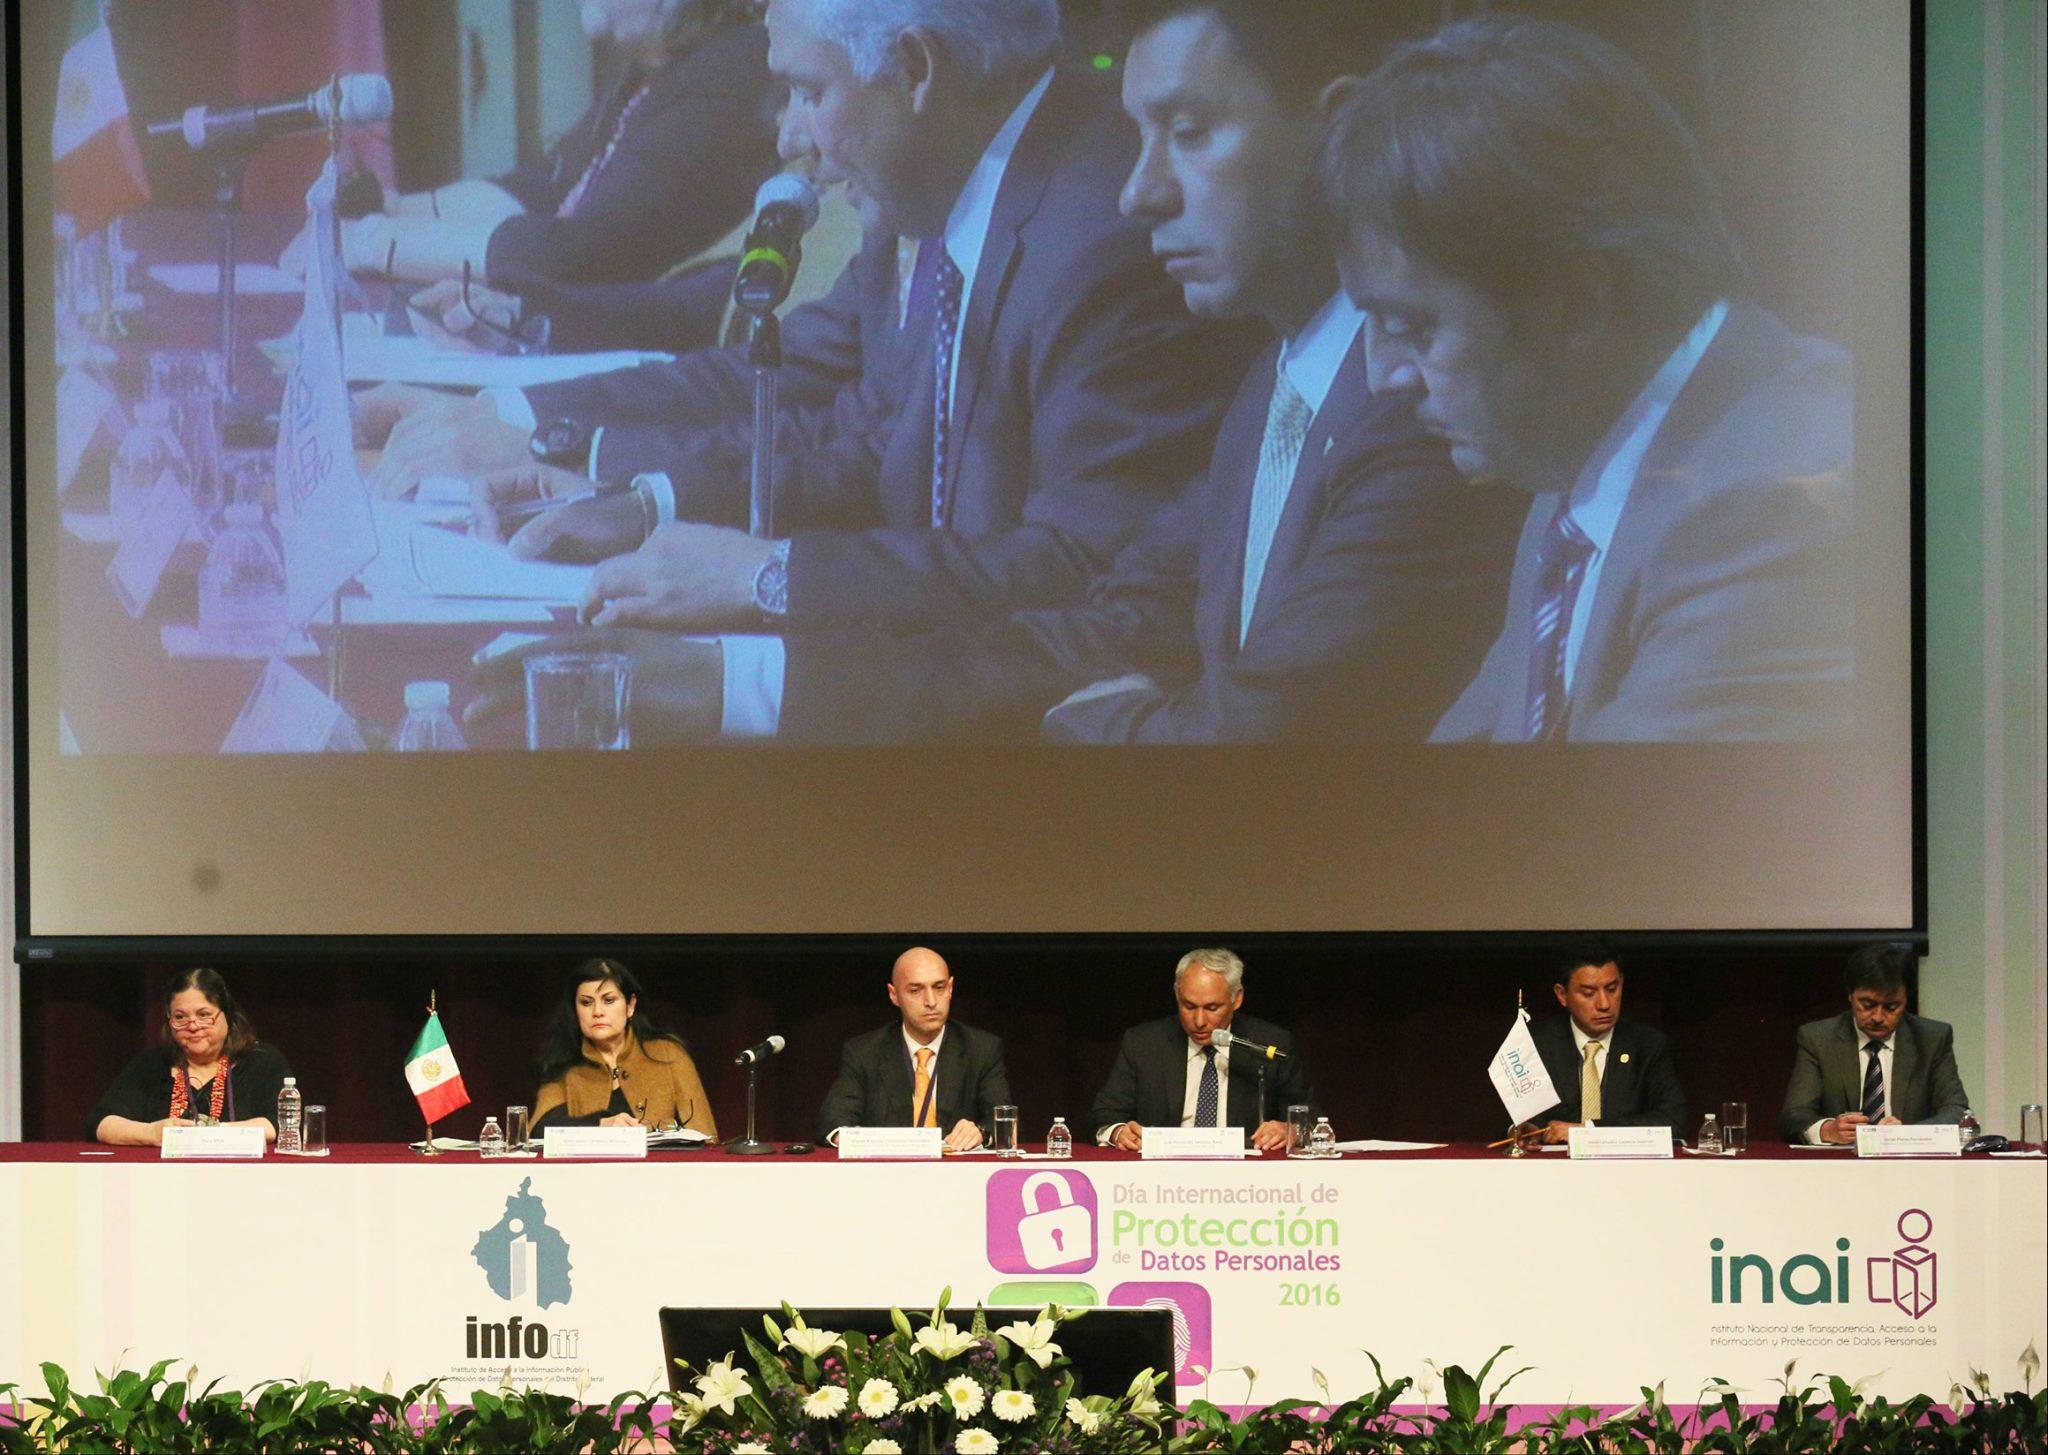 Día_Internacional_datos_personales_INAI_México_coprivacidad_PantallasAmigas_Jorge_Flores